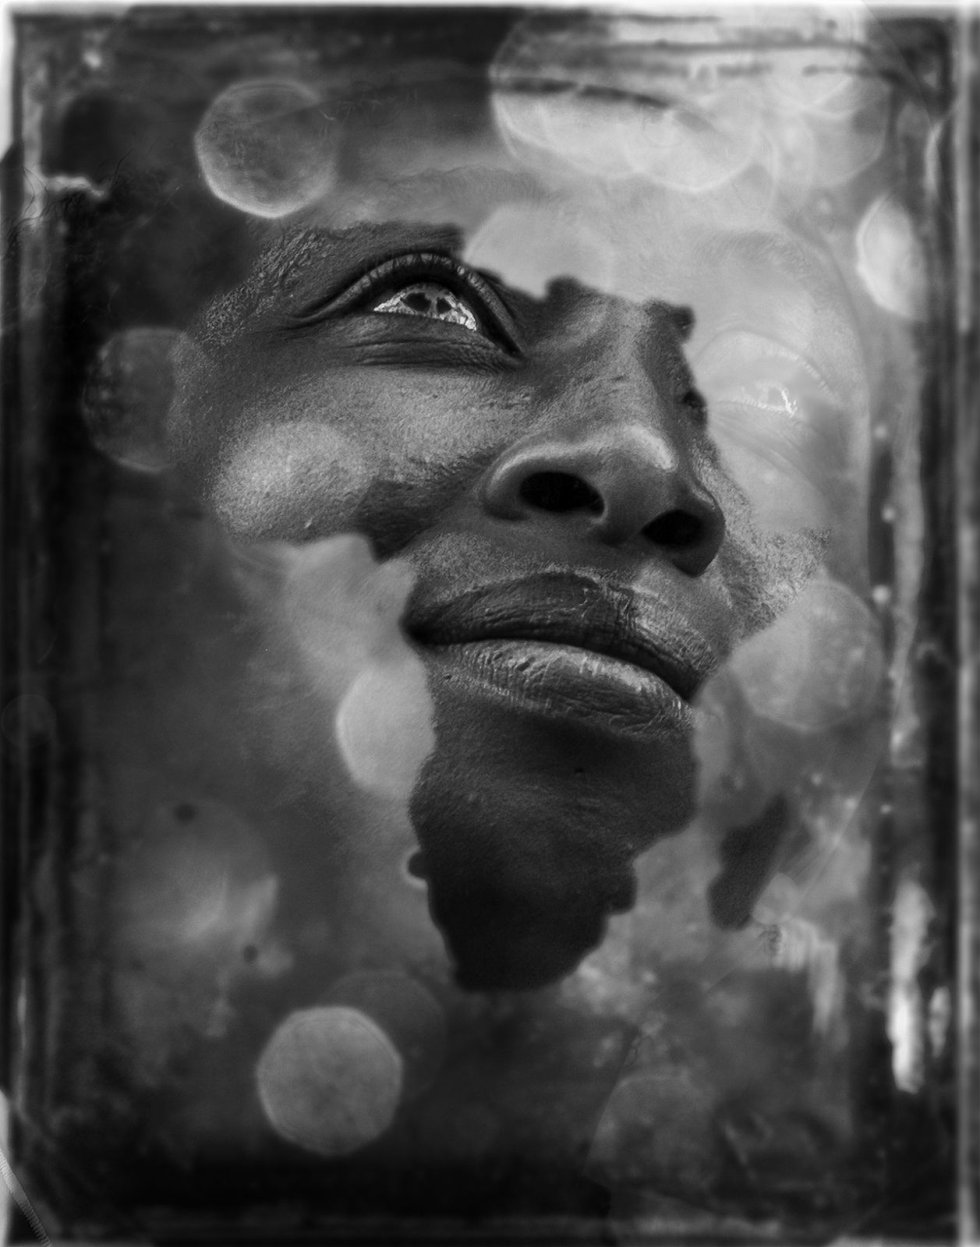 'A través del cristal' es la imagen ganadora de un accésit en la edición de 2016 del concurso Africanas en España y su autor es Javier Domínguez 'Jadoga' (Jérez de la Frontera, 1982), un veterano fotógrafo y formador en esta disciplina especializado en fotografía publicitaria, retrato y edición avanzada. En un correo electrónico, Jadoga explica que la protagonista de su imagen es Victoria, conocida de una amiga de Jerez. Nació en Nigeria y reside con sus tres hijas en la ciudad gaditana, donde posee su propio negocio de venta de ropa.    Esta toma tan original fue realizada fusionando dos imágenes, según explica el autor: